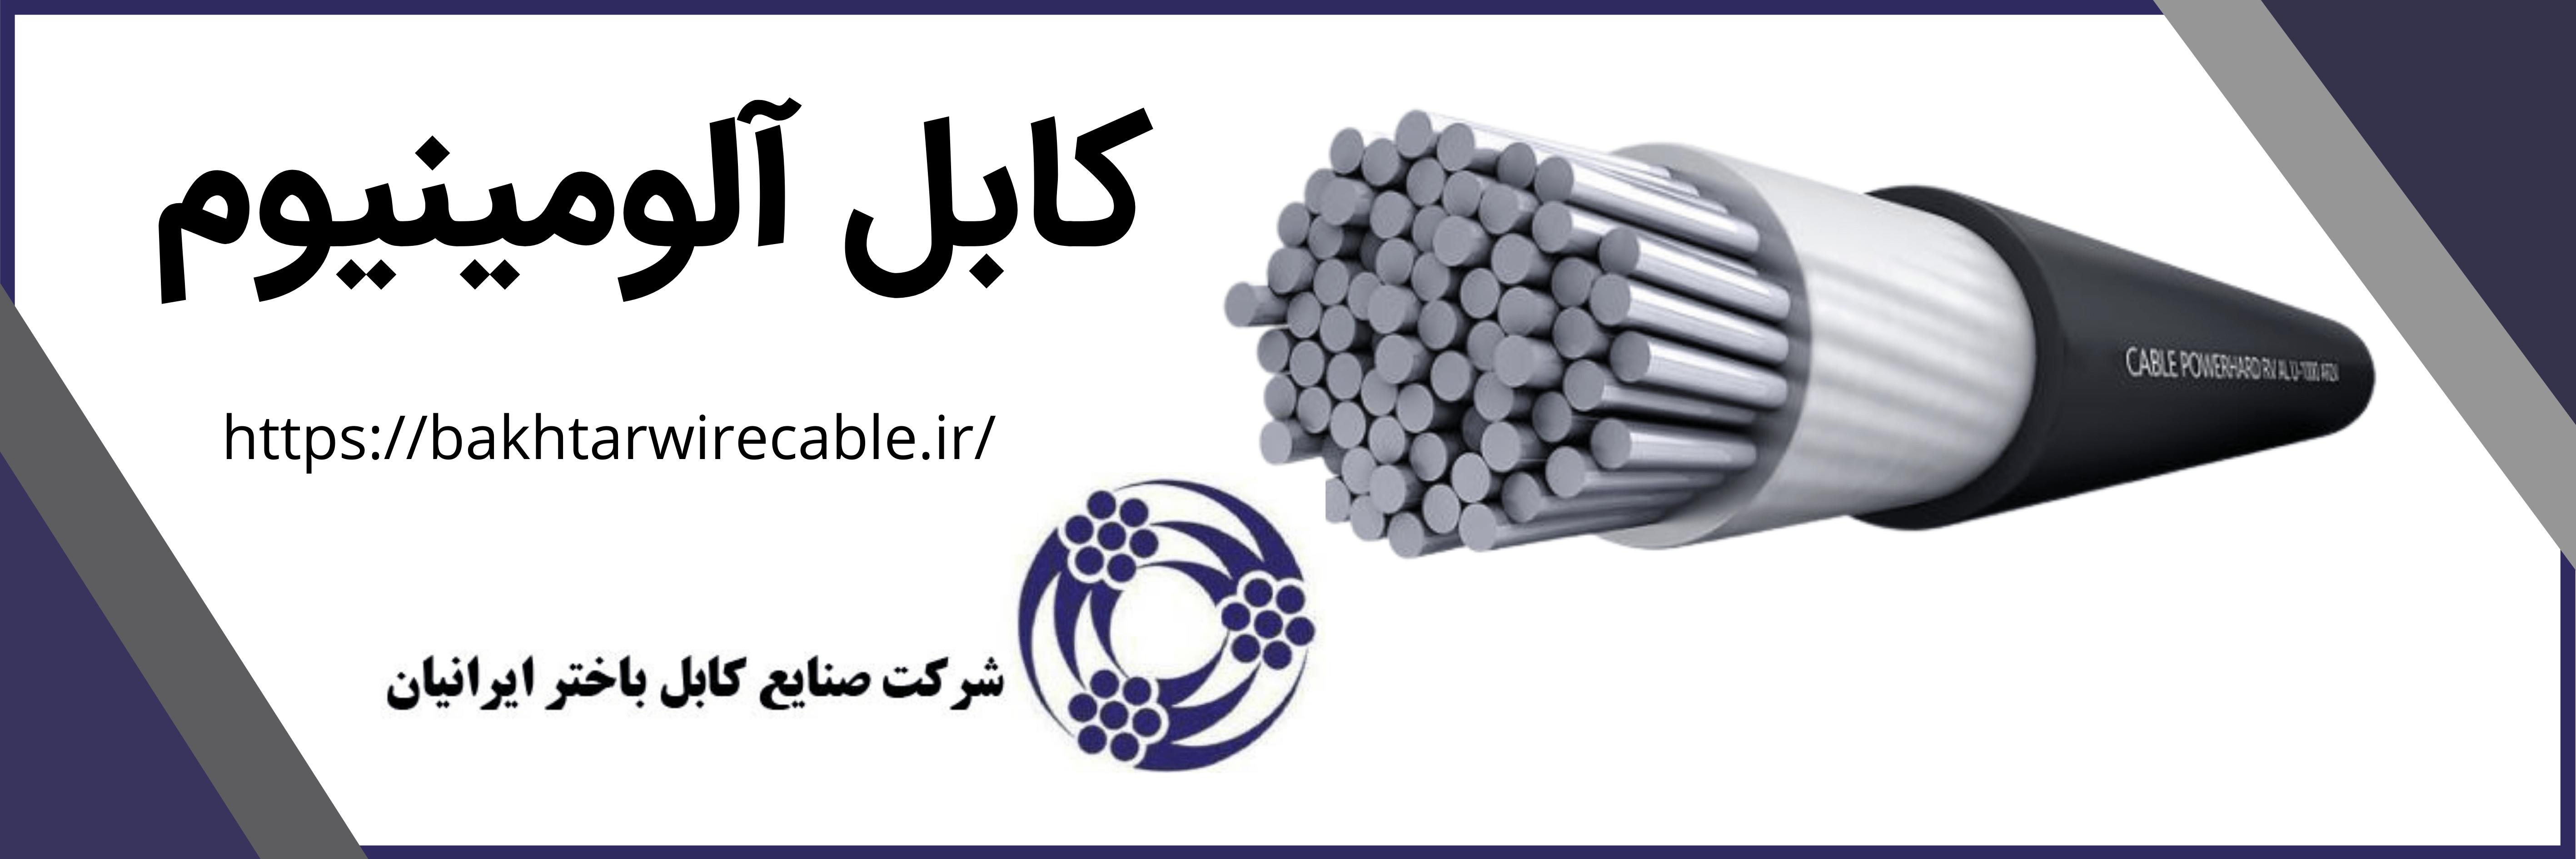 فروشگاه صنایع کابل باختر ایرانیان